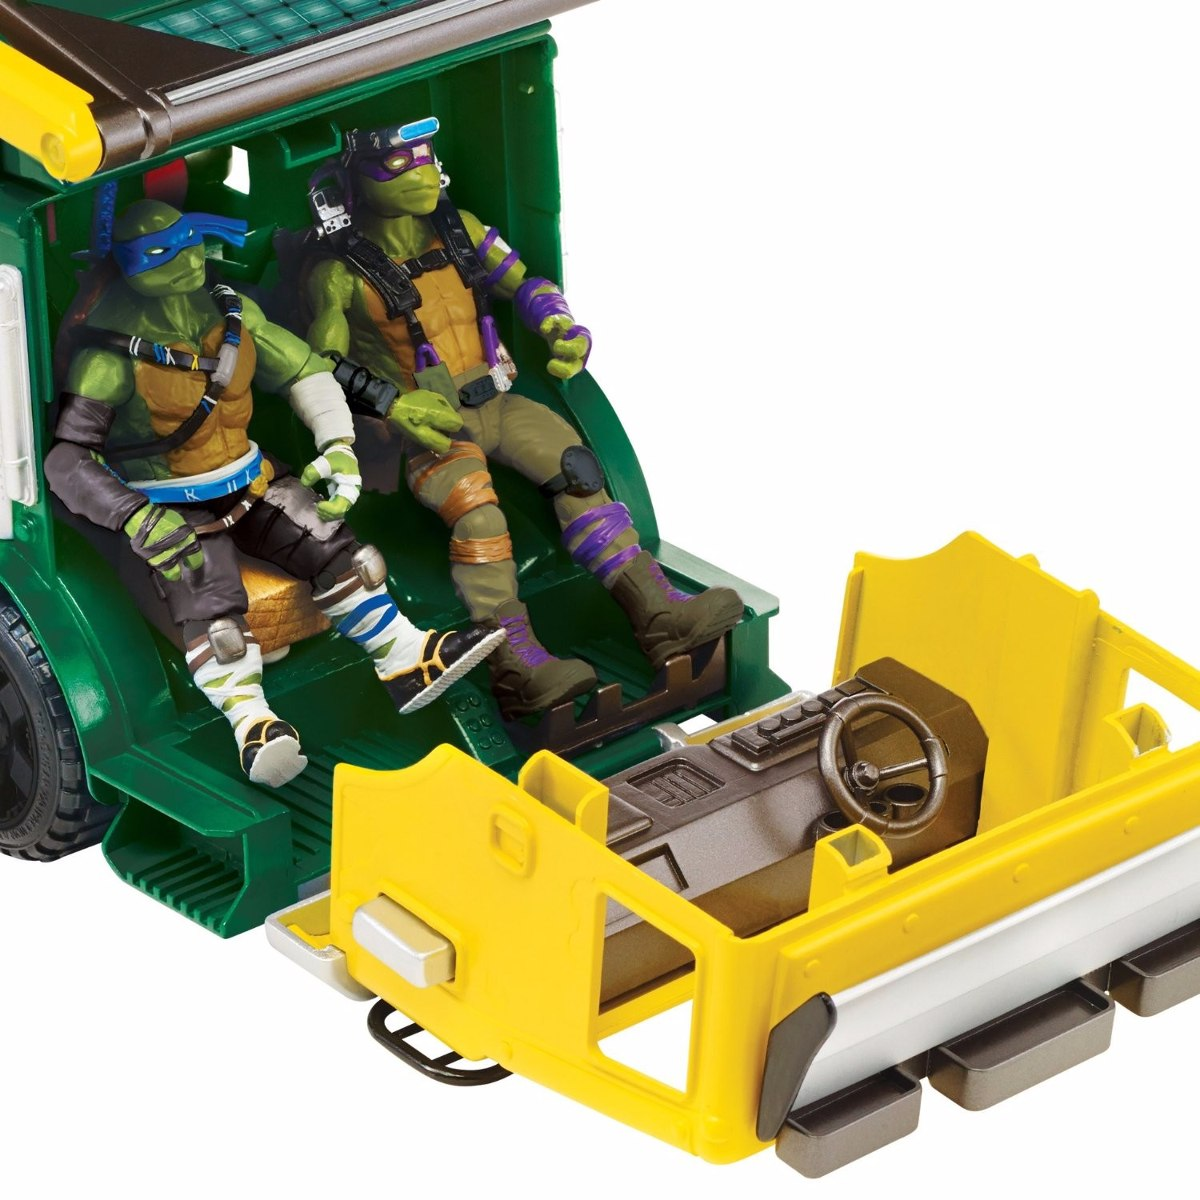 Vehiculo Nuevo 2 Tortugas Detallado Nickelodeon Camion Ninja dWrBoeCx